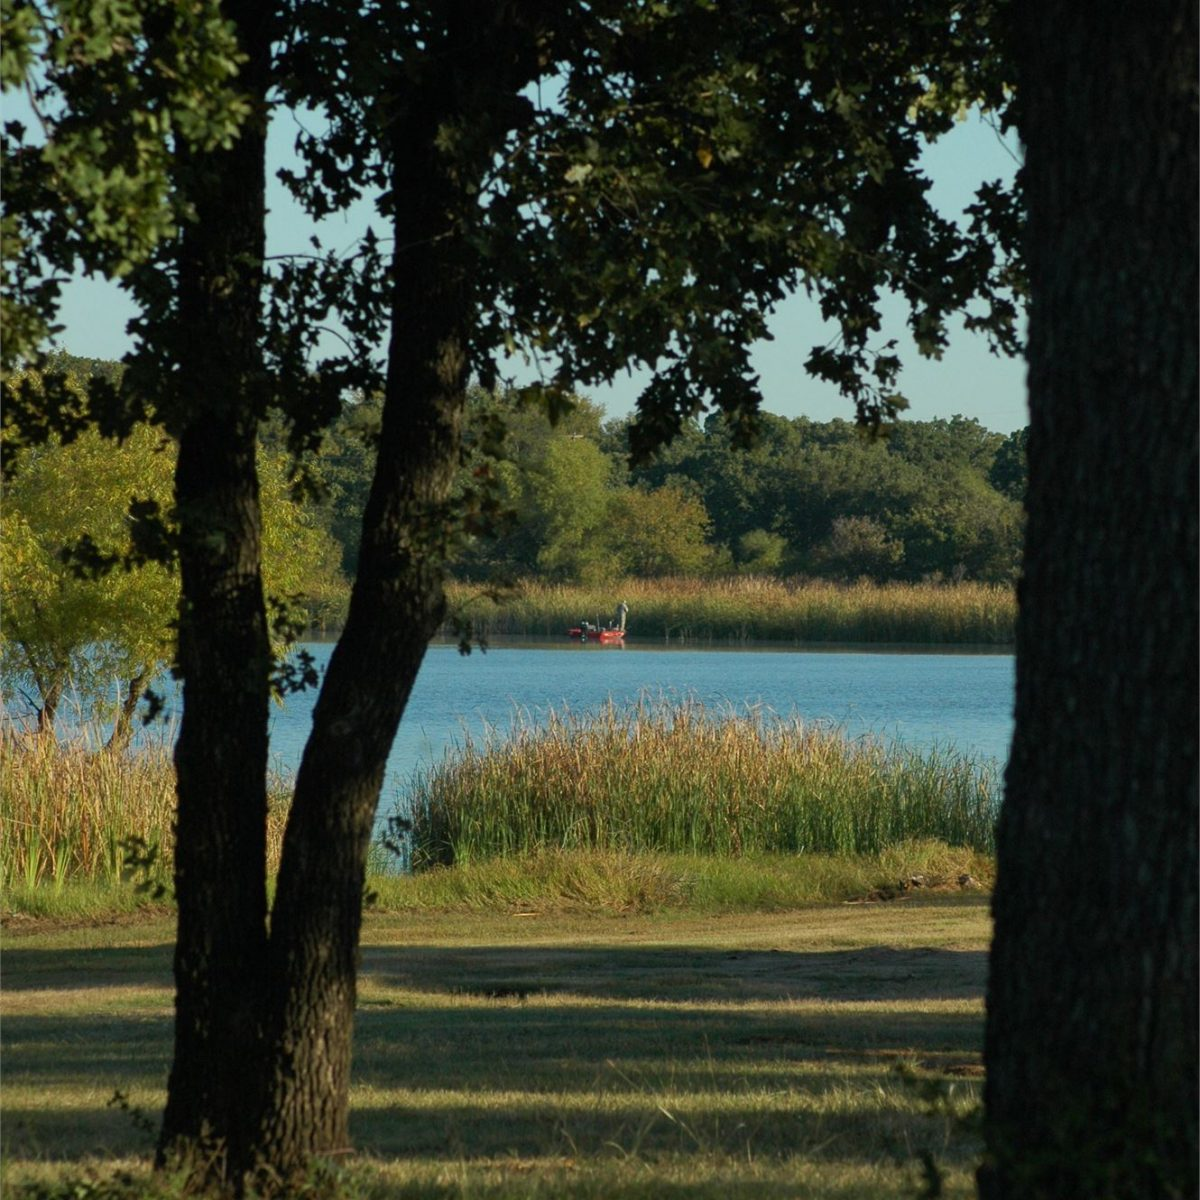 Lake Eddlemen view through the trees